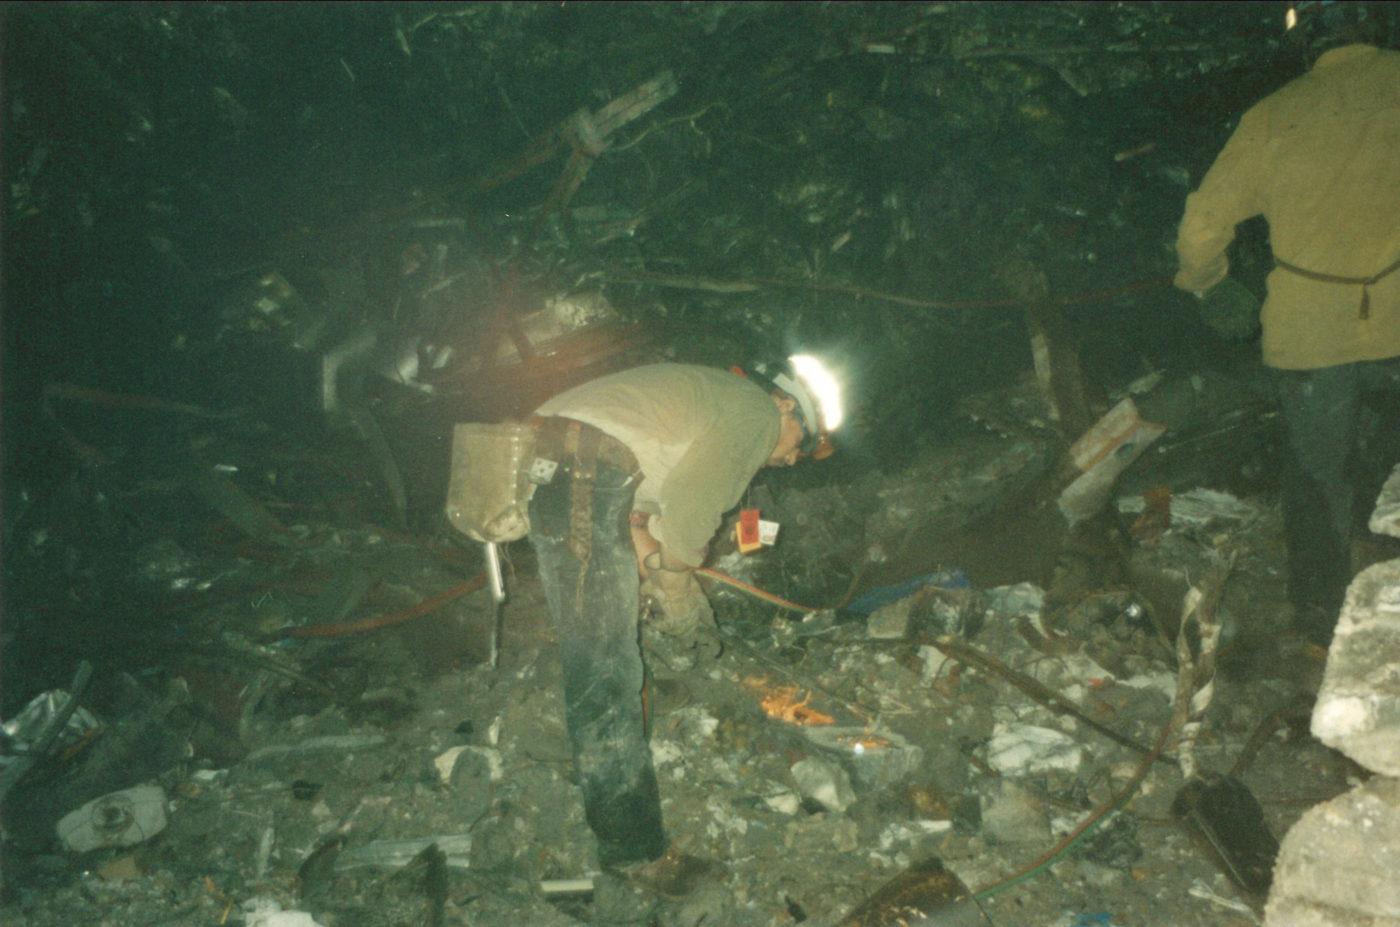 Worker at Ground Zero